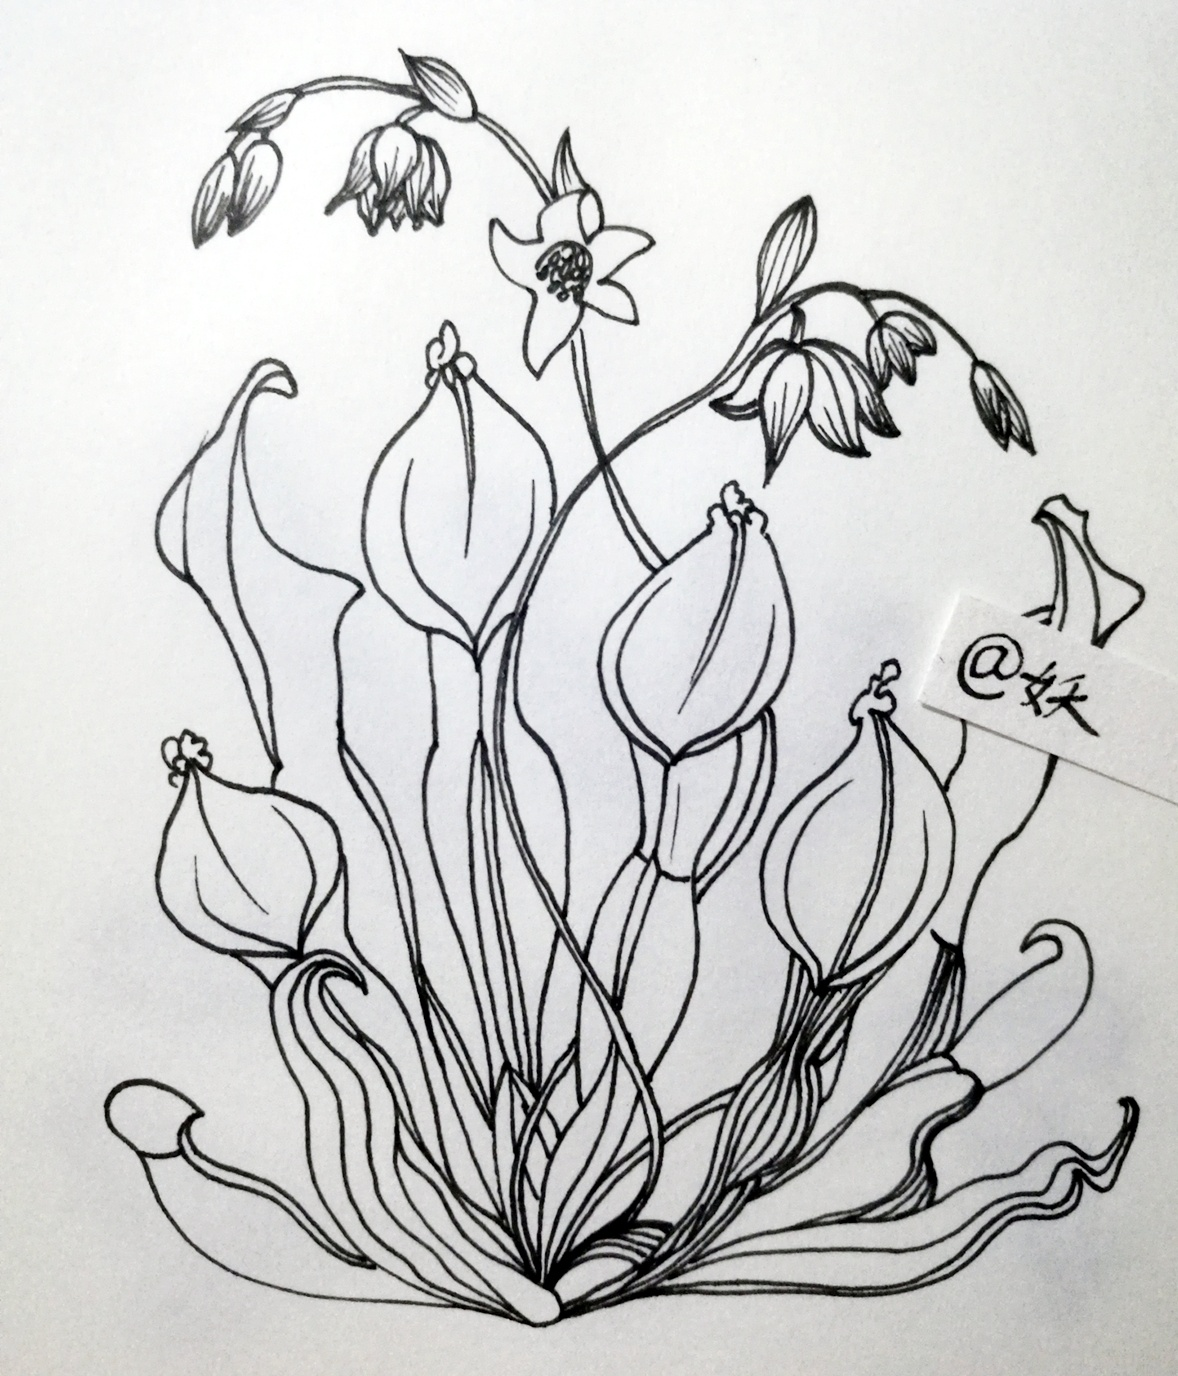 线描植物 纯艺术 钢笔画 十月妖妖 - 原创作品 - 站酷